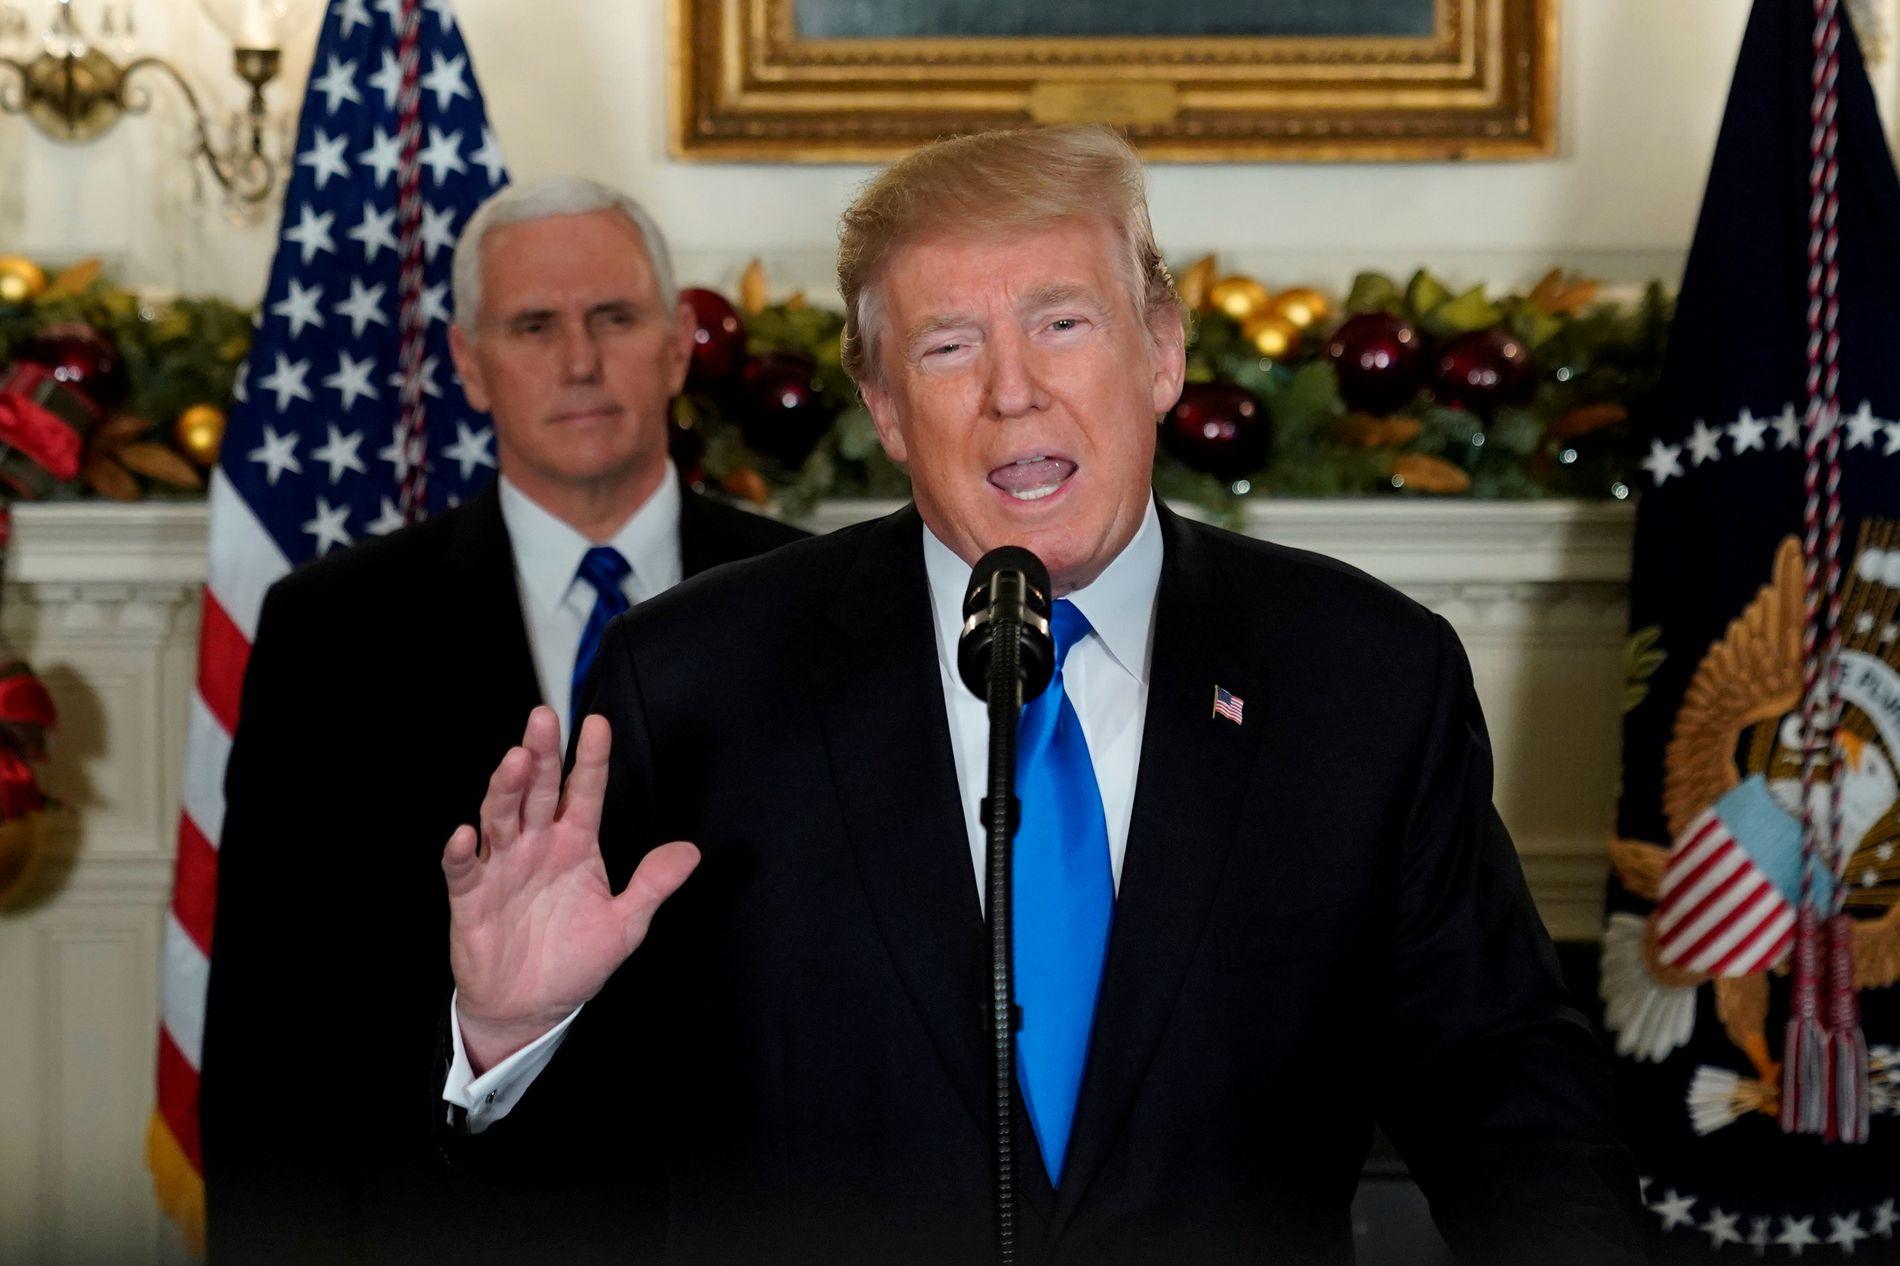 NY KUNNGJØRING: USAs president Donald Trump og visepresident Mike Pence (bak) under talen i Det hvite hus onsdag kveld.